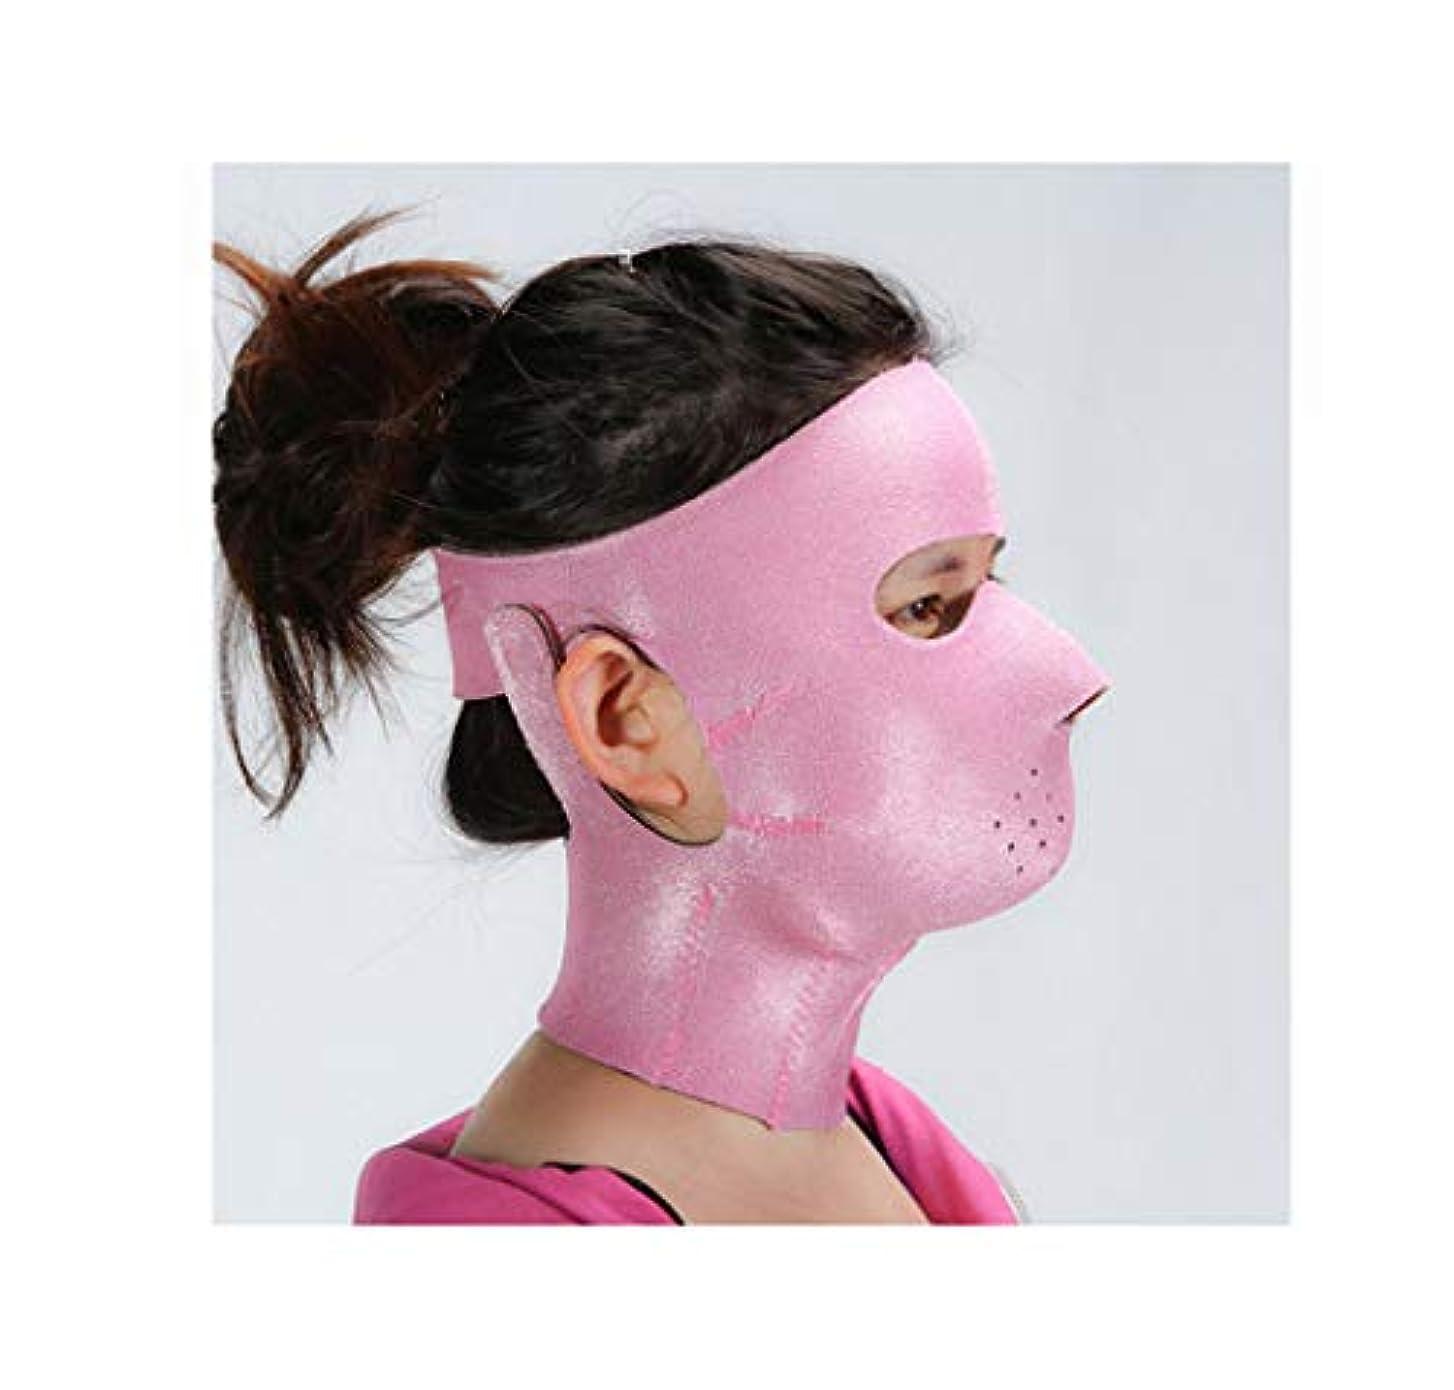 夢素人ヤギTLMY 薄い顔マスクマスクプラス薄いマスク引き締めアンチエイジング薄いマスク顔の薄い顔マスクアーティファクト美容ネックバンド 顔用整形マスク